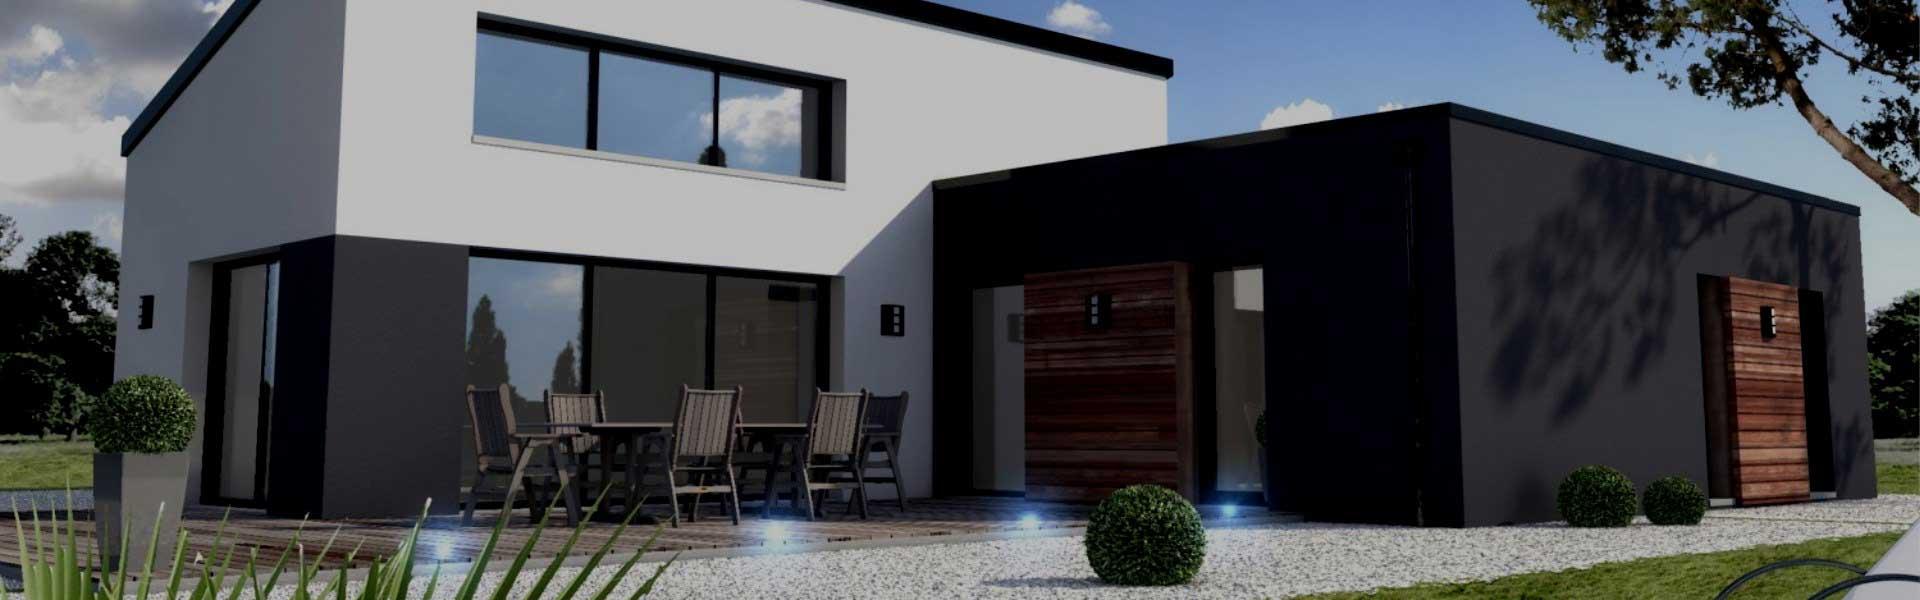 Constru O De Casa Moderna Casa Amarela Obras